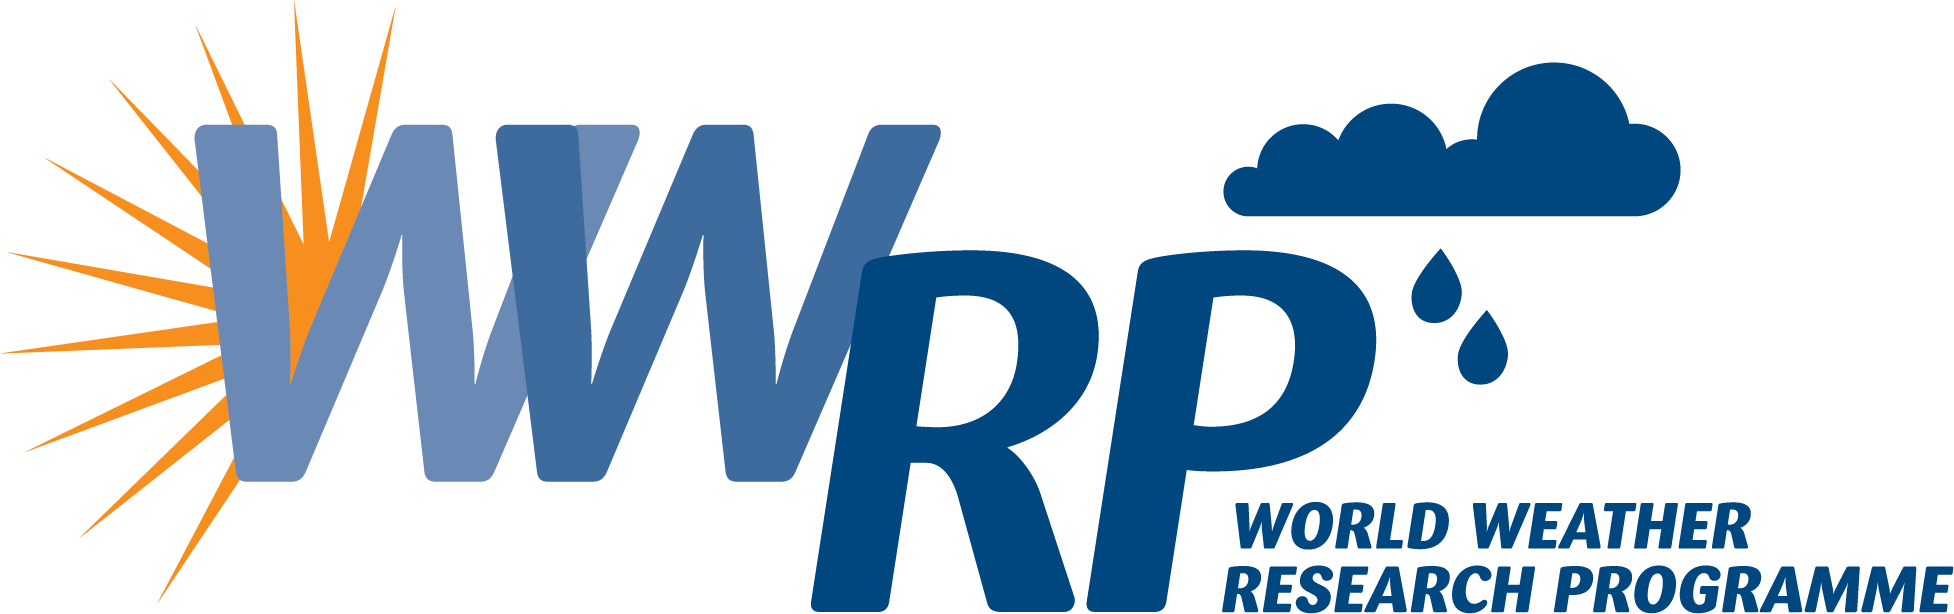 WWRP logo